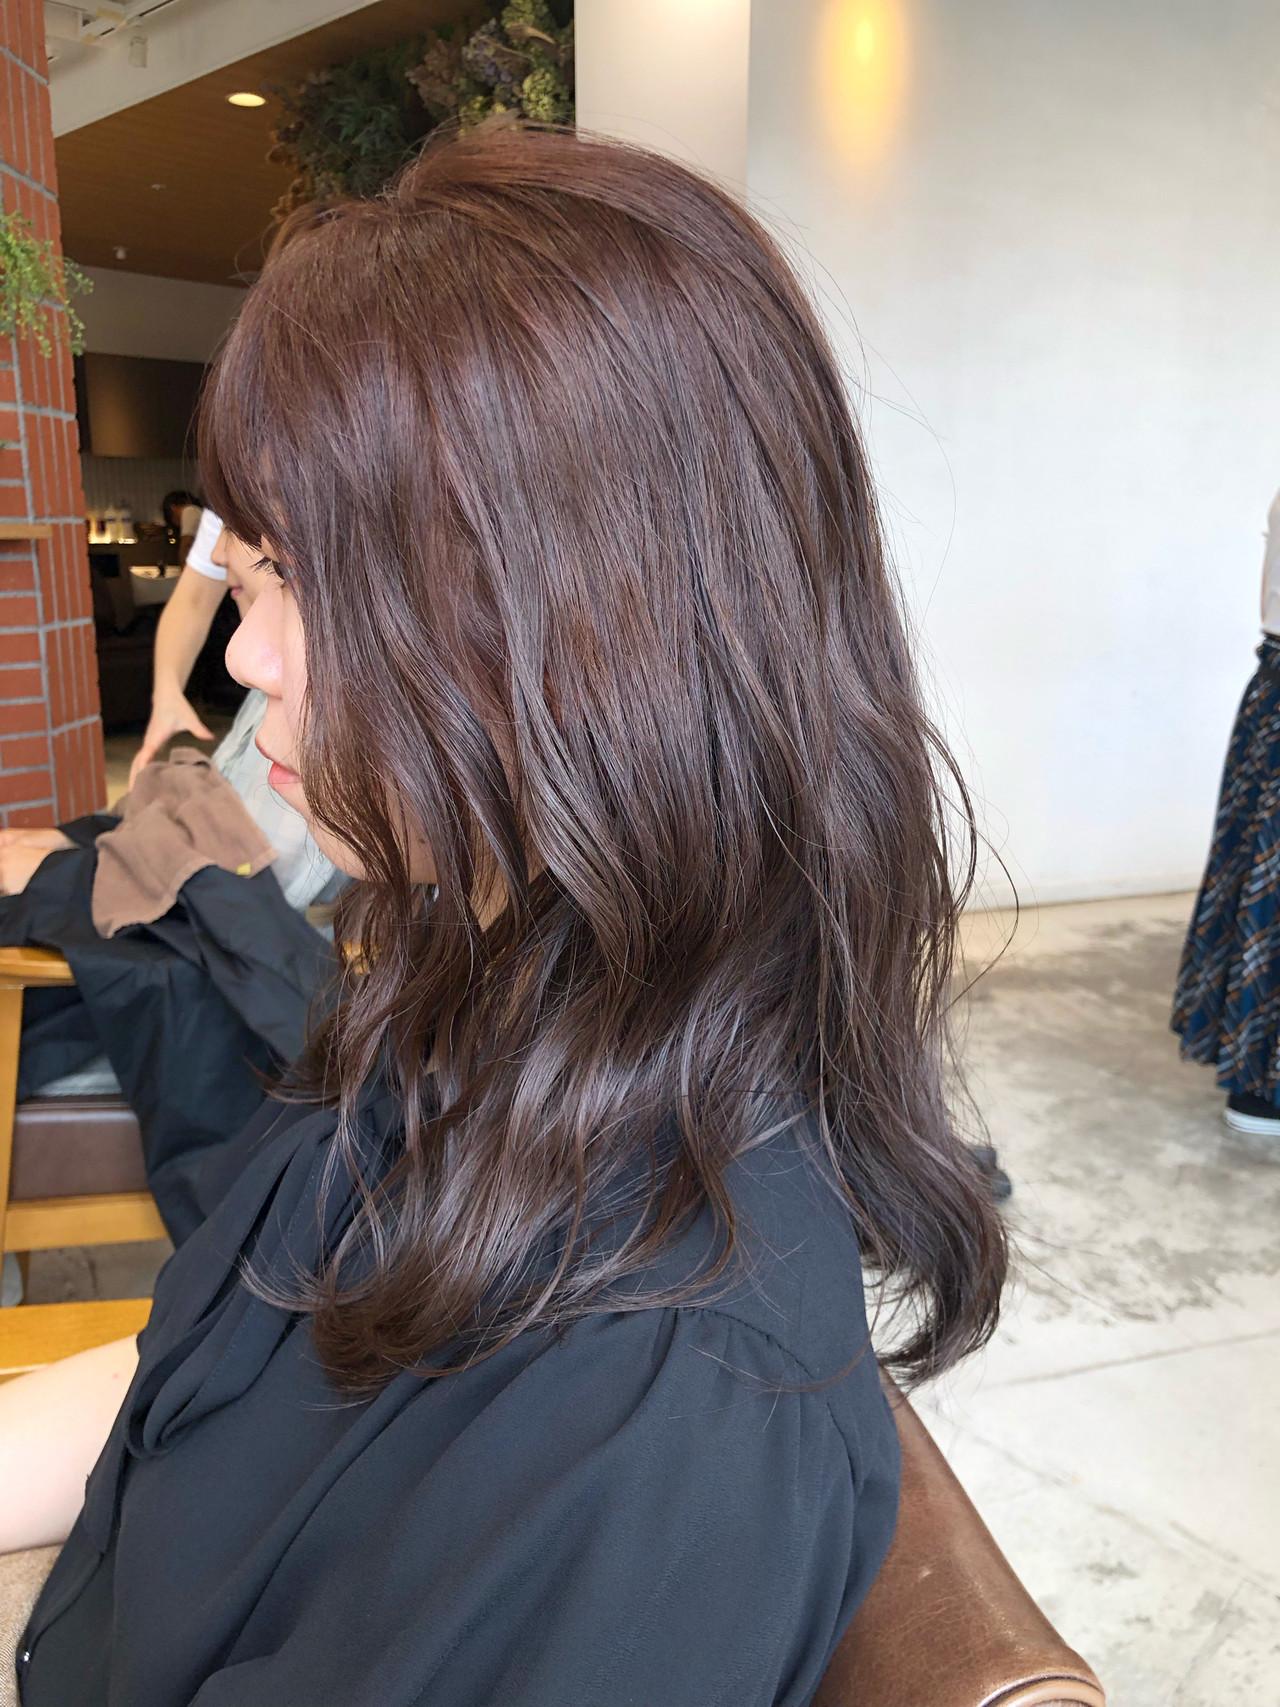 成人式 ミディアム ショコラブラウン ナチュラル ヘアスタイルや髪型の写真・画像